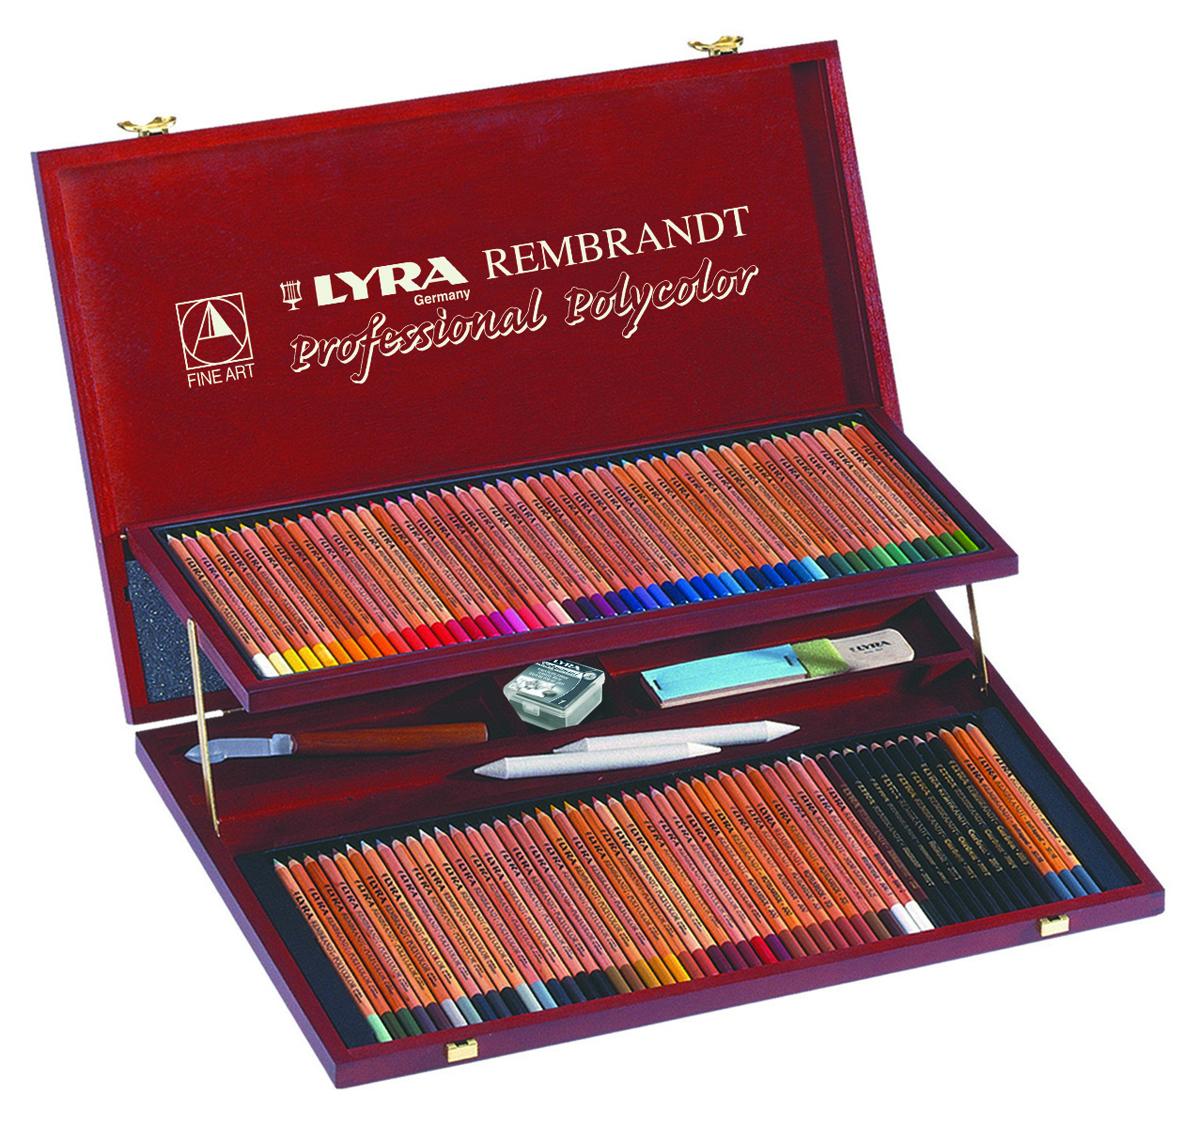 Lyra Художественные цветные карандаши Rembrandt Polycolor 105 цветовL2004200Набор профессиональных цветных карандашей LYRA REMBRANDT POLYCOLOR с аксессуарами в деревянном кейсе. В комплекте 105 предметов. 100 цветных карандашей, нож для заточки, ластик, наждачная бумага